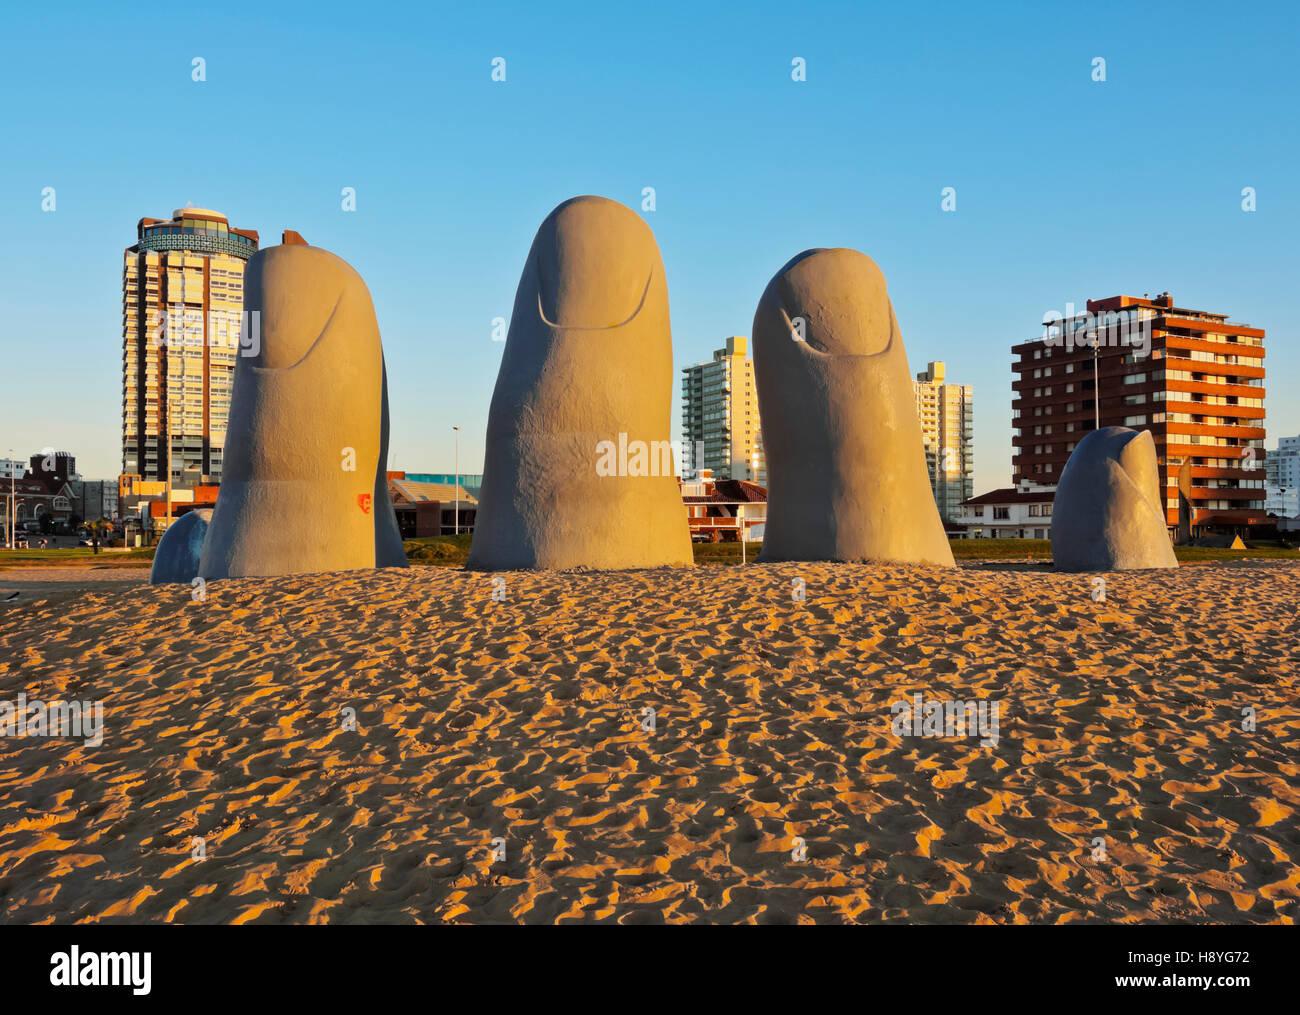 Uruguay Maldonado Department Punta del Este Playa Brava La Mano(The Hand) a sculpture by Chilean artist Mario Irarrazabal - Stock Image